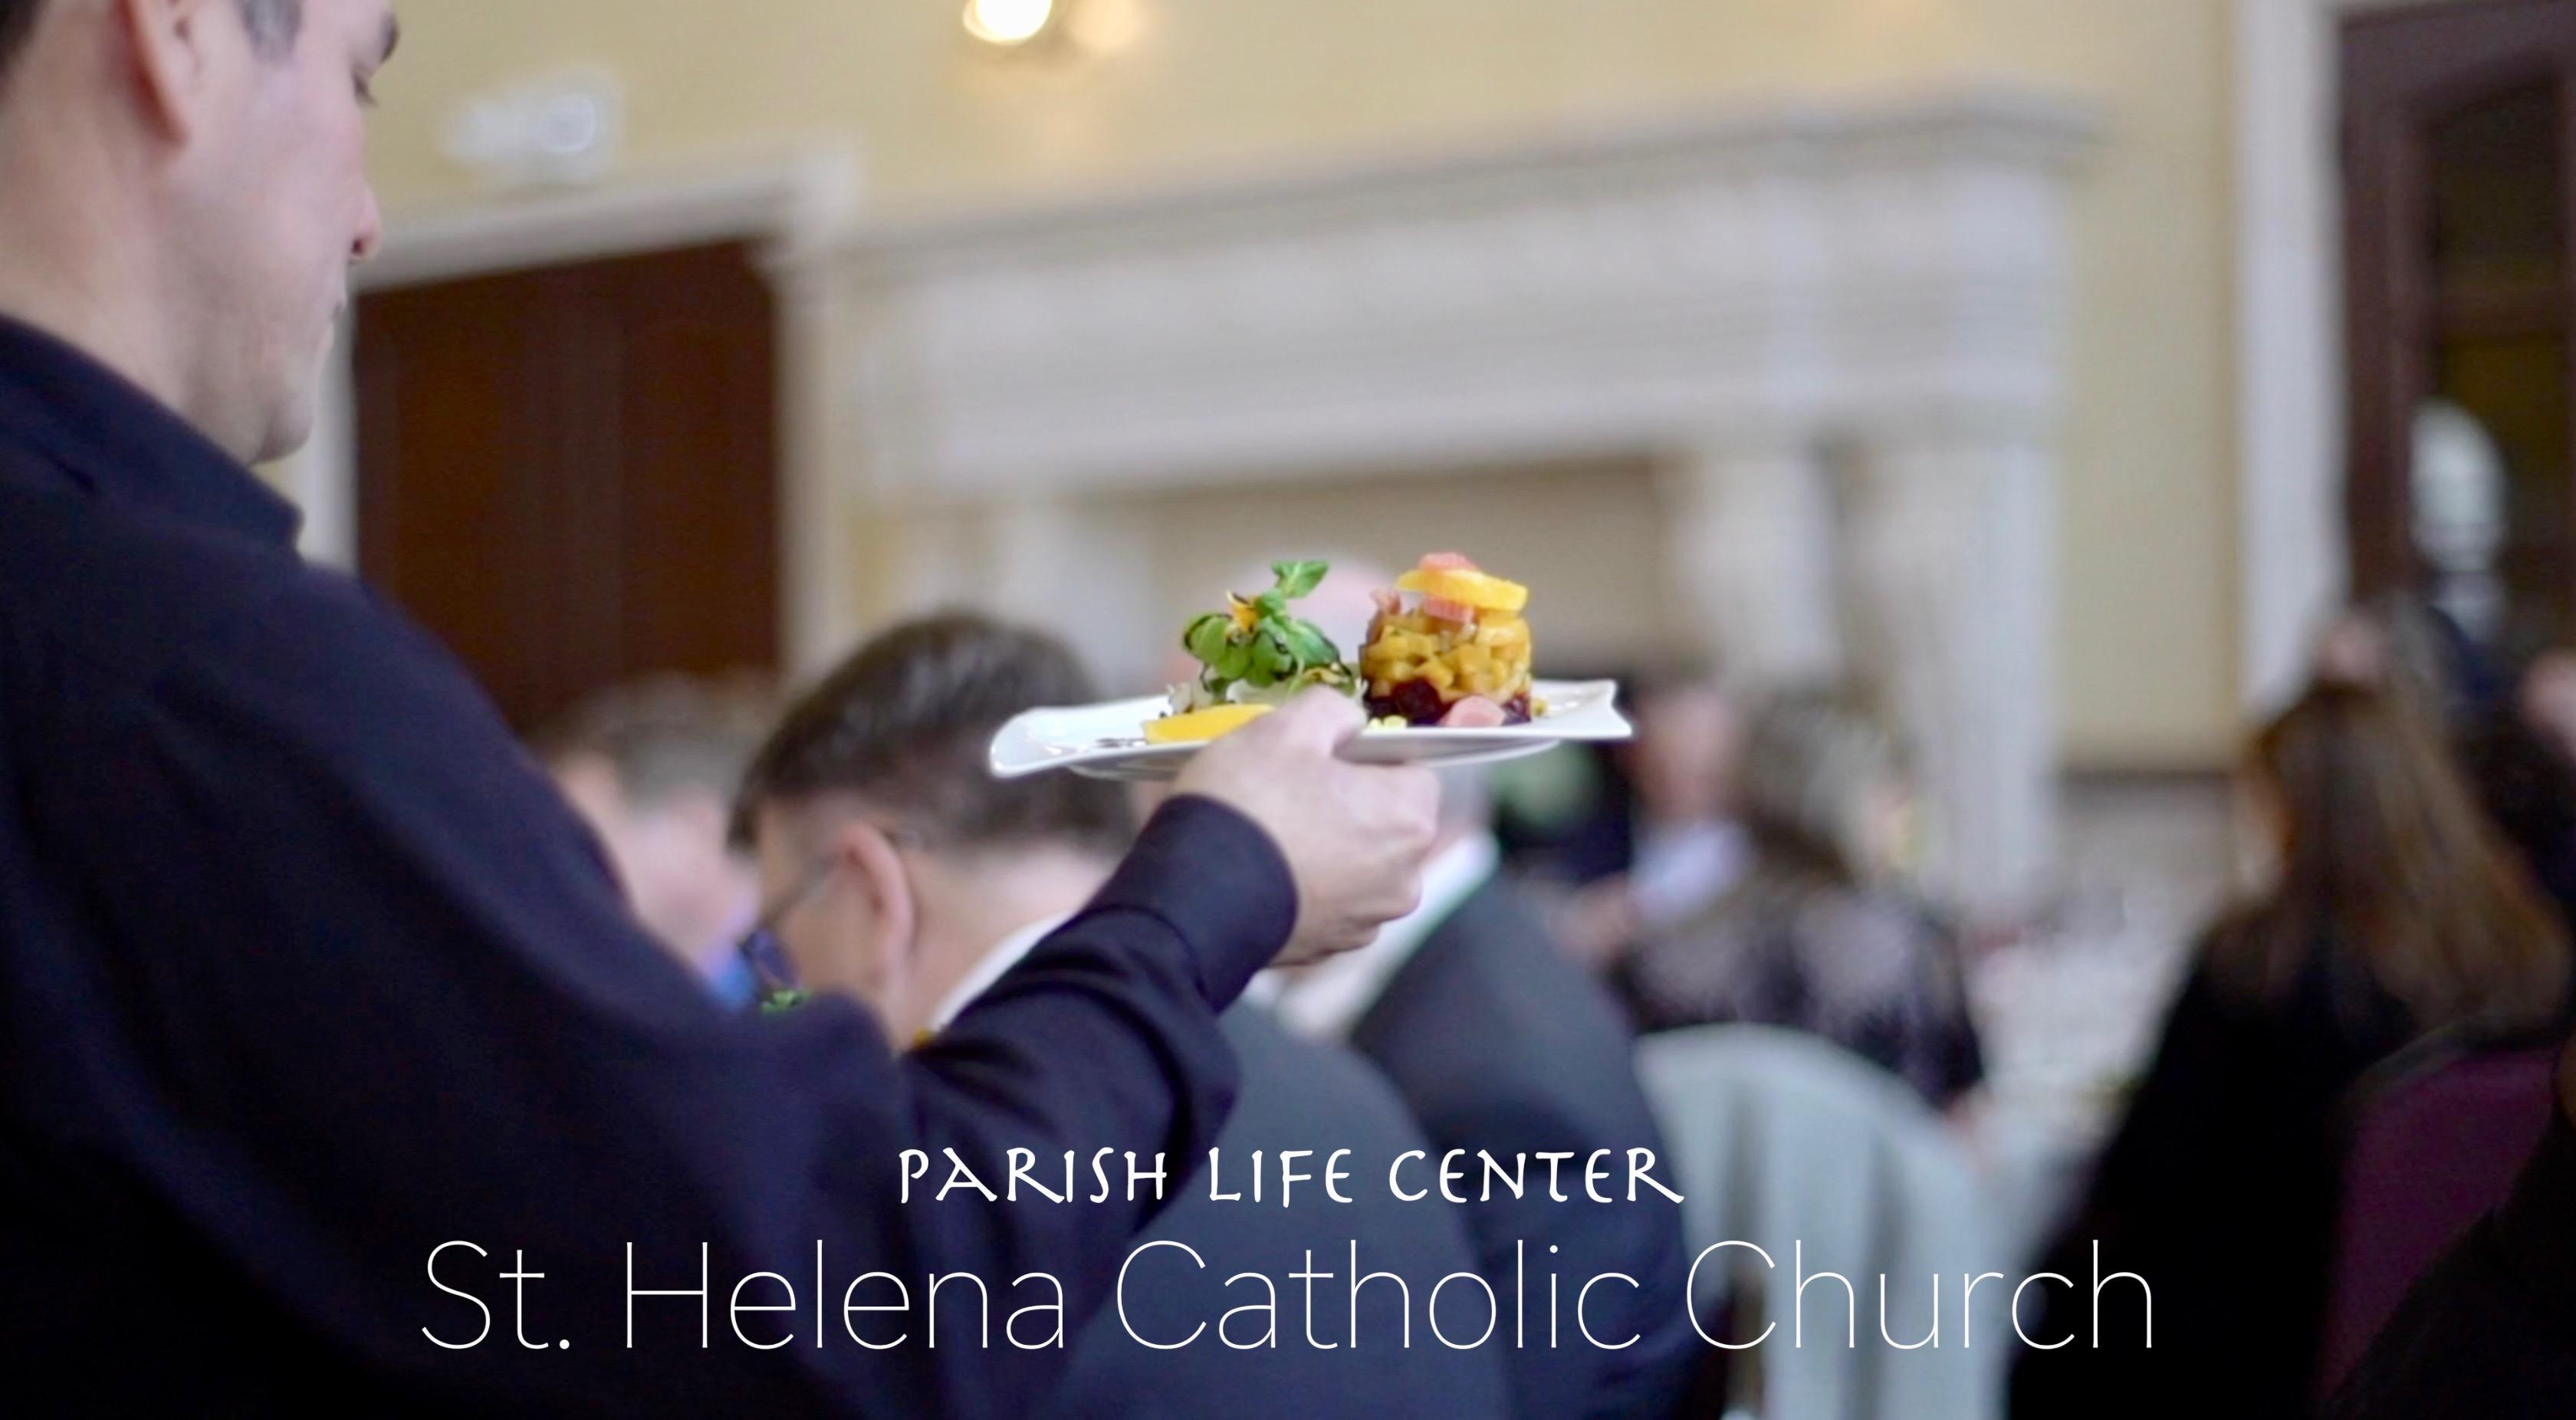 Parish Life Center